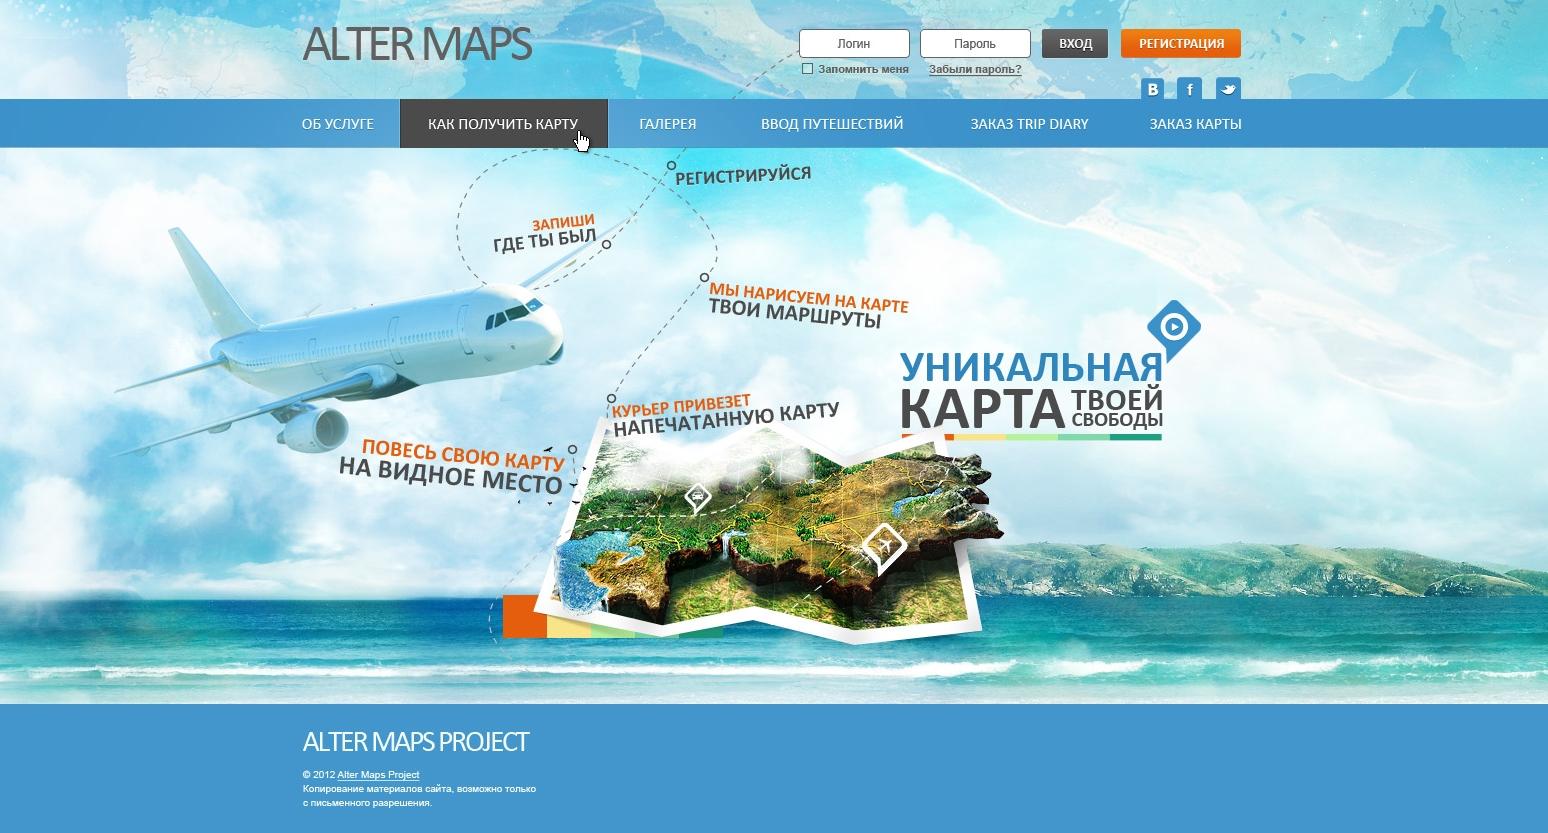 Турпортал ALTER MAPS